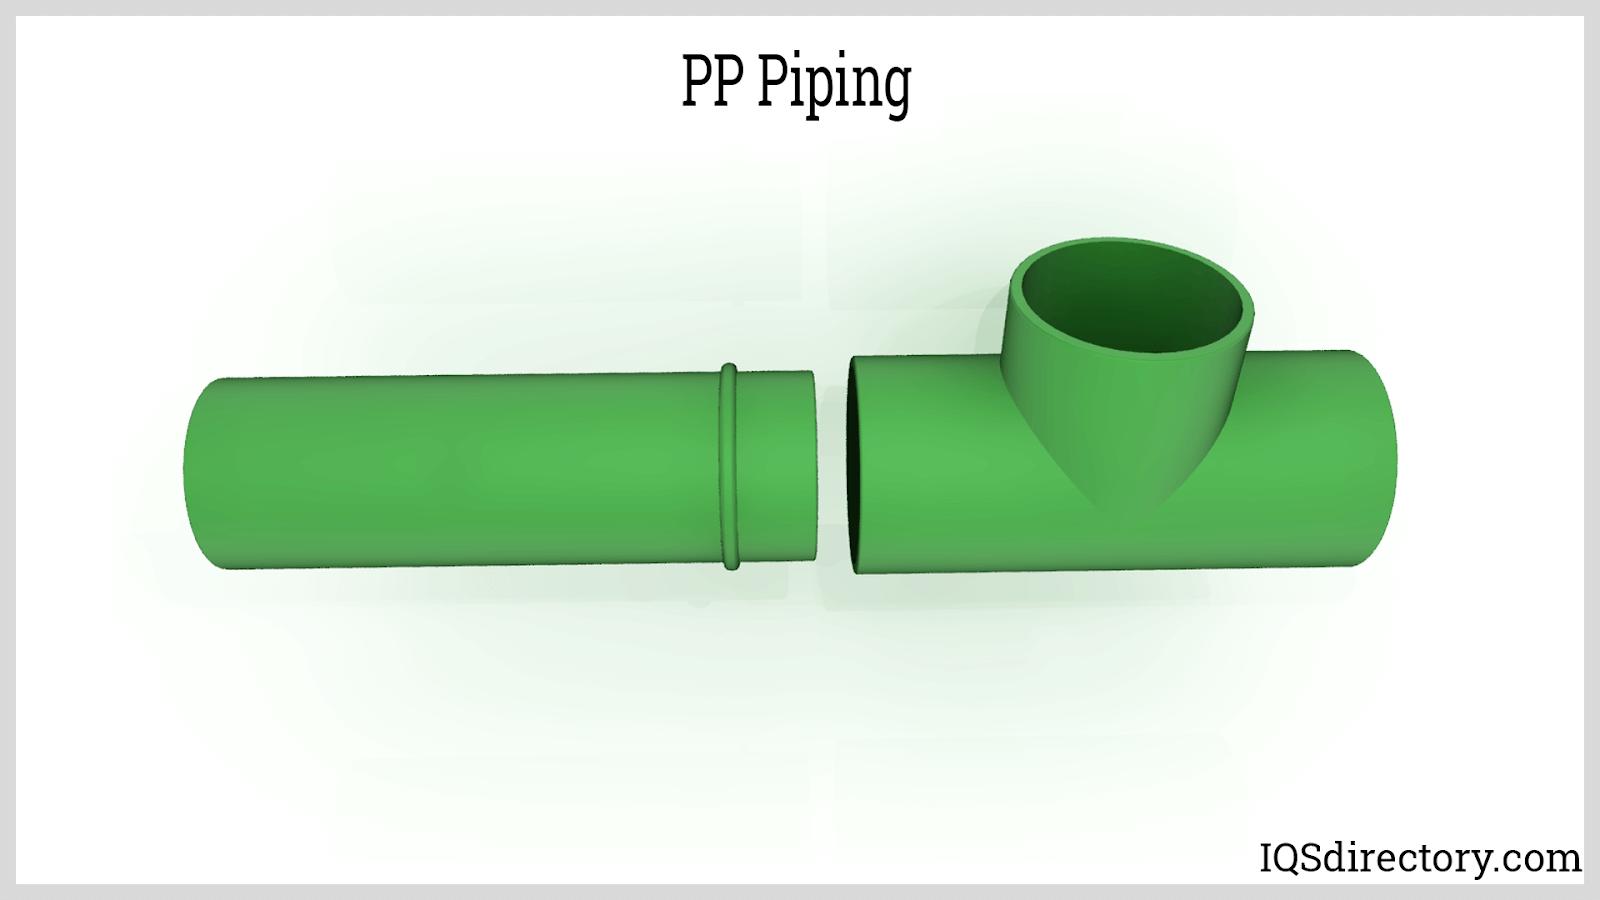 PP Piping